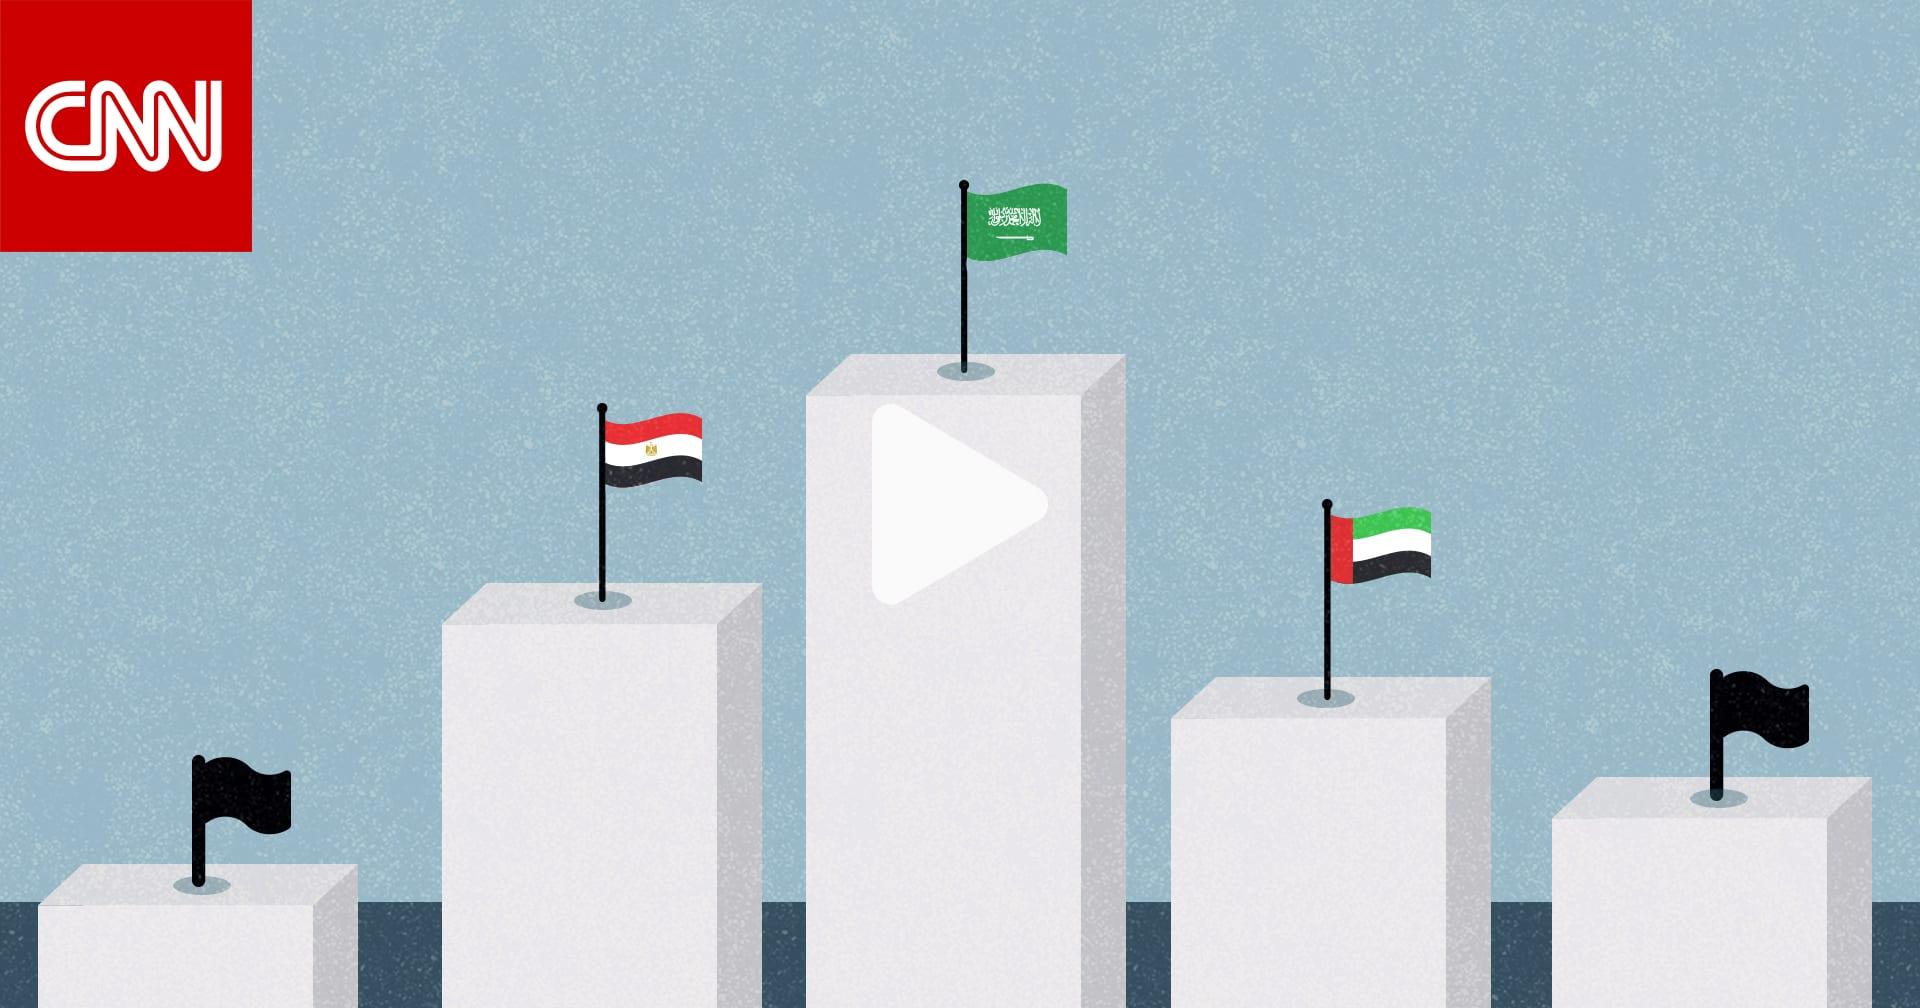 10 شركات عائلية هي الأكثر نفوذاً في الشرق الأوسط